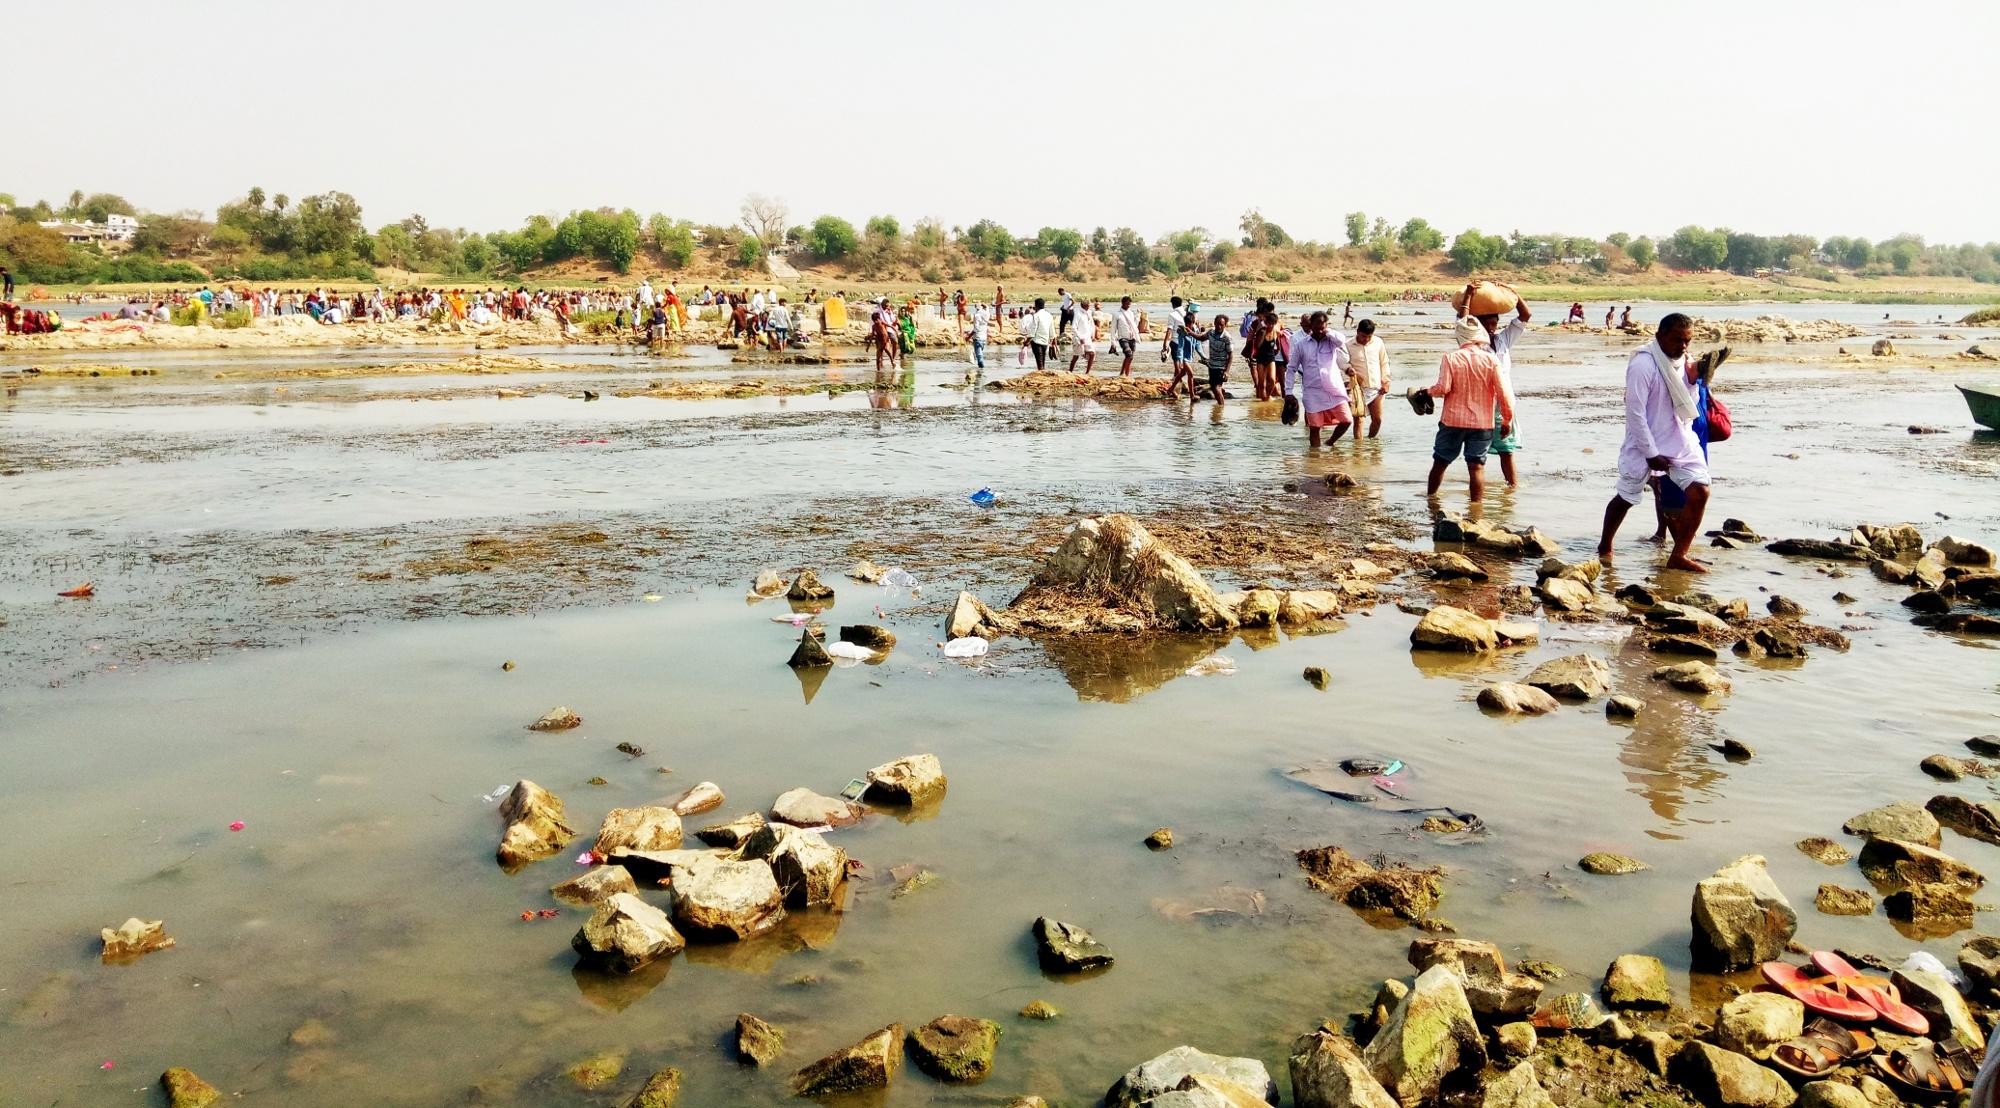 तालाब के संरक्षण को लेकर ग्रामीण हुए लामबंद, ग्राम पंचायत कार्यालय में जाकर विरोध प्रदर्शन